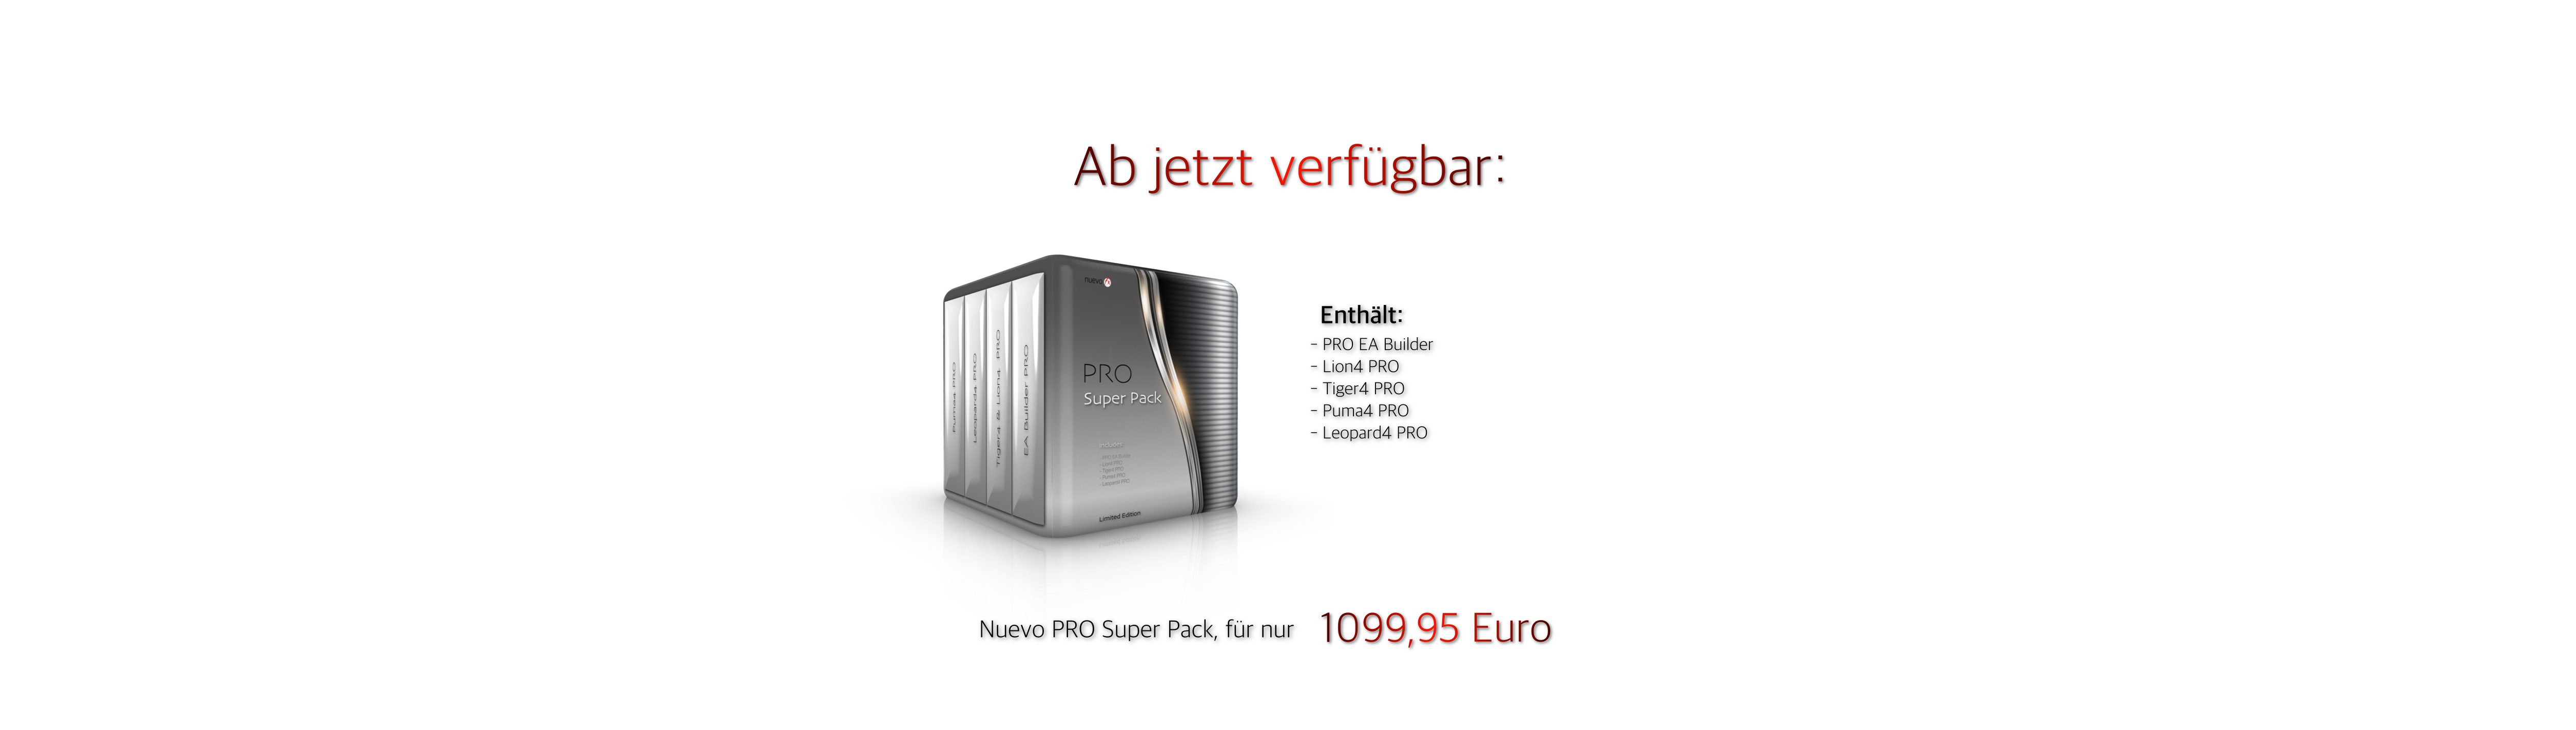 PRO Super Pack Slider DE